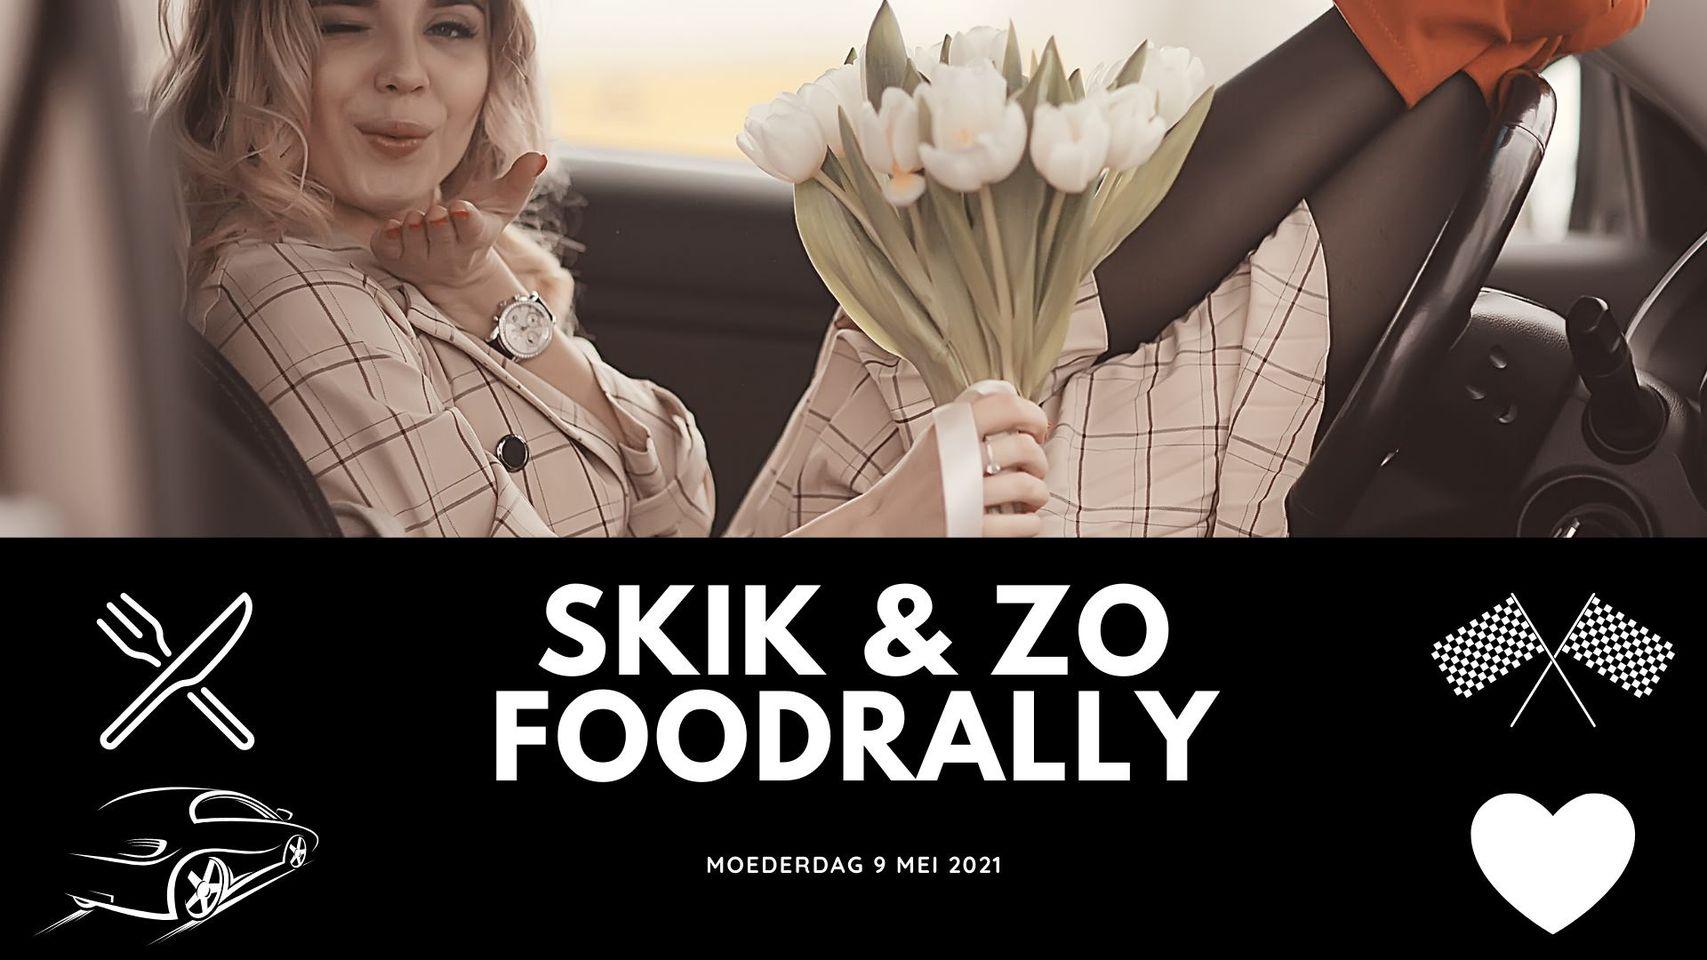 Skik & Zo Foodrally Moederdag editie